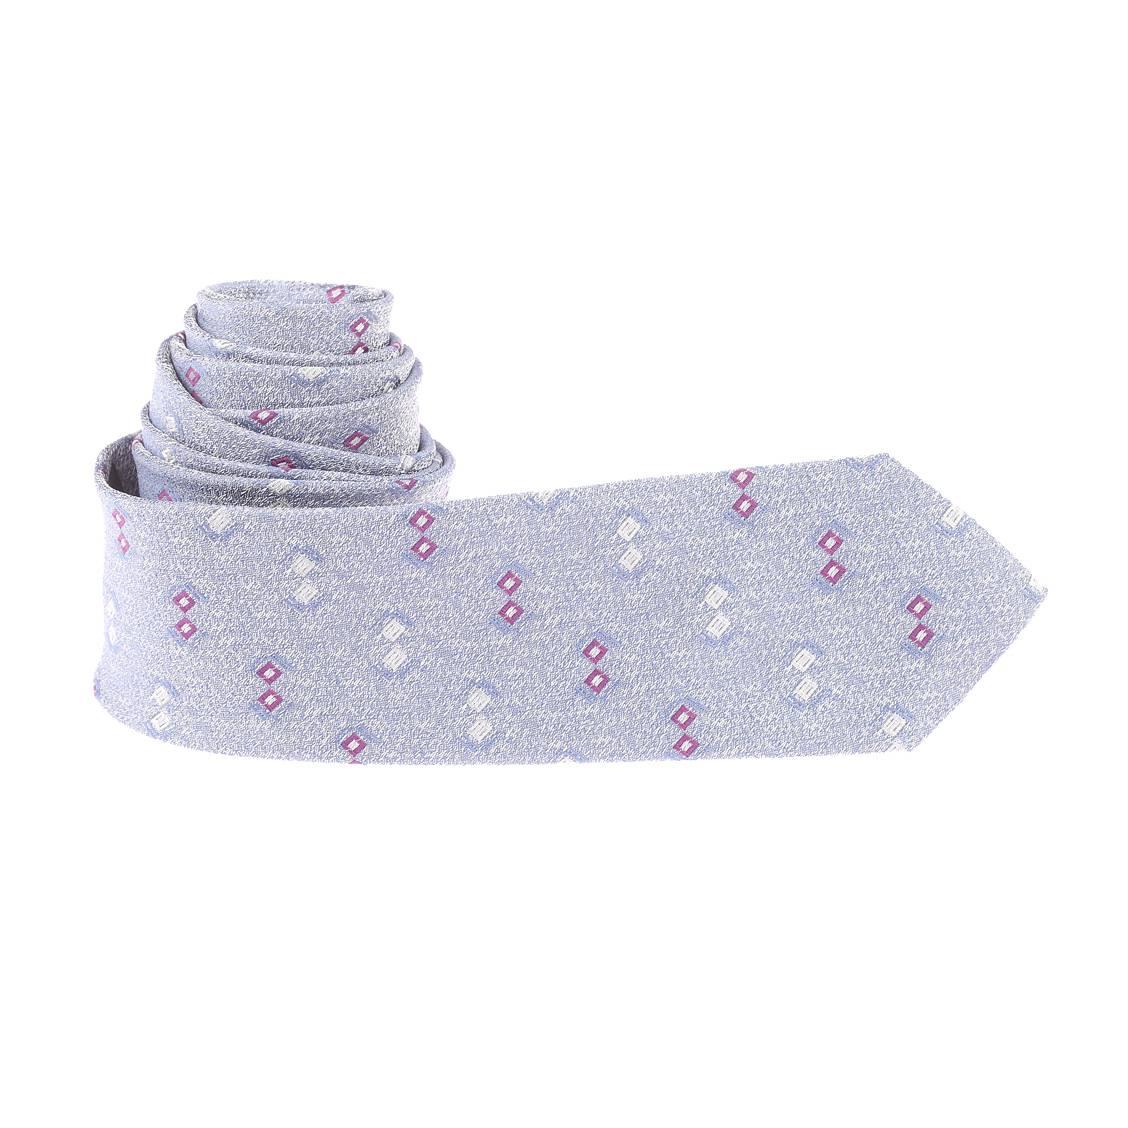 cravate-slim-bleu-chine-de-blanc-a-motifs-prune-et-gris